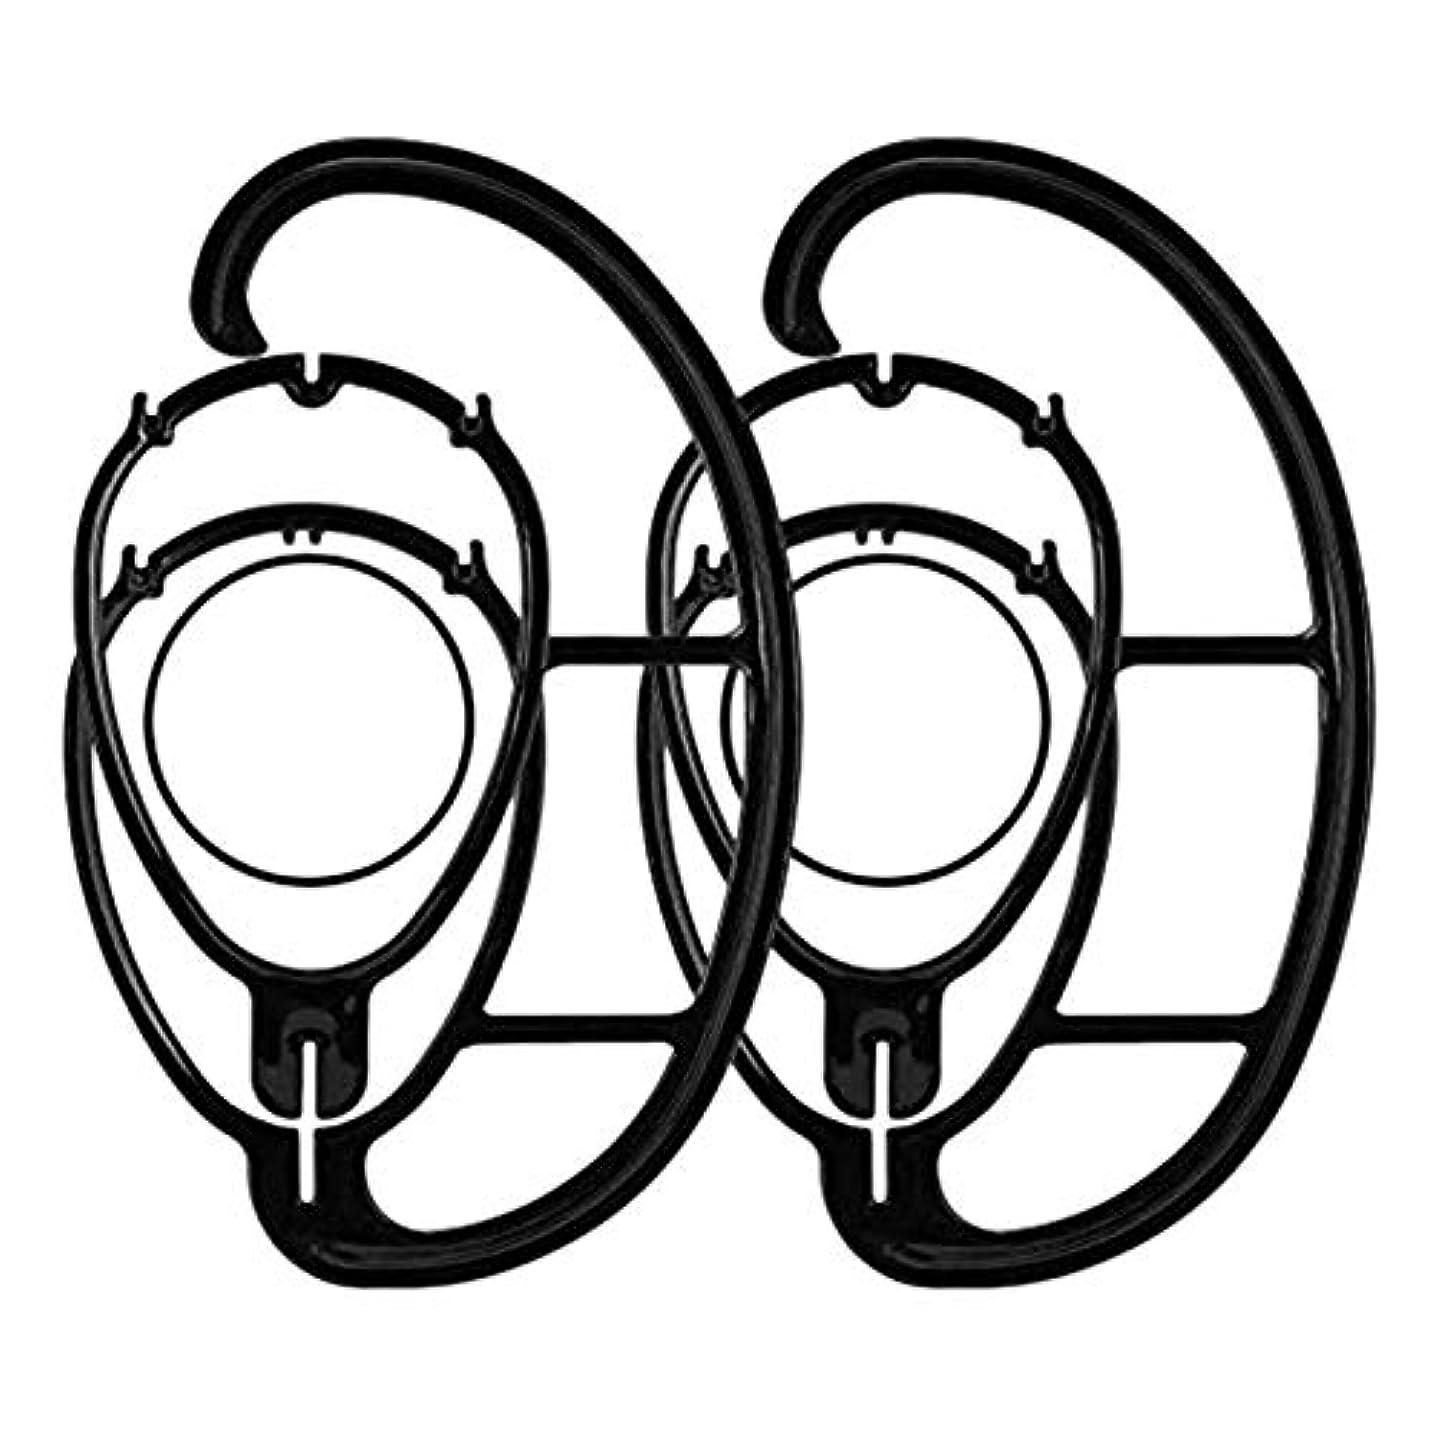 髄抹消経験者CUHAWUDBA 2パック ウィッグハンガー ポータブルハンギングウィッグスタンド すべてのウィッグと帽子用 折りたたみウィッグドライヤー 耐久性のある ウィッグスタンドツール ホルダーハットとキャップホルダー